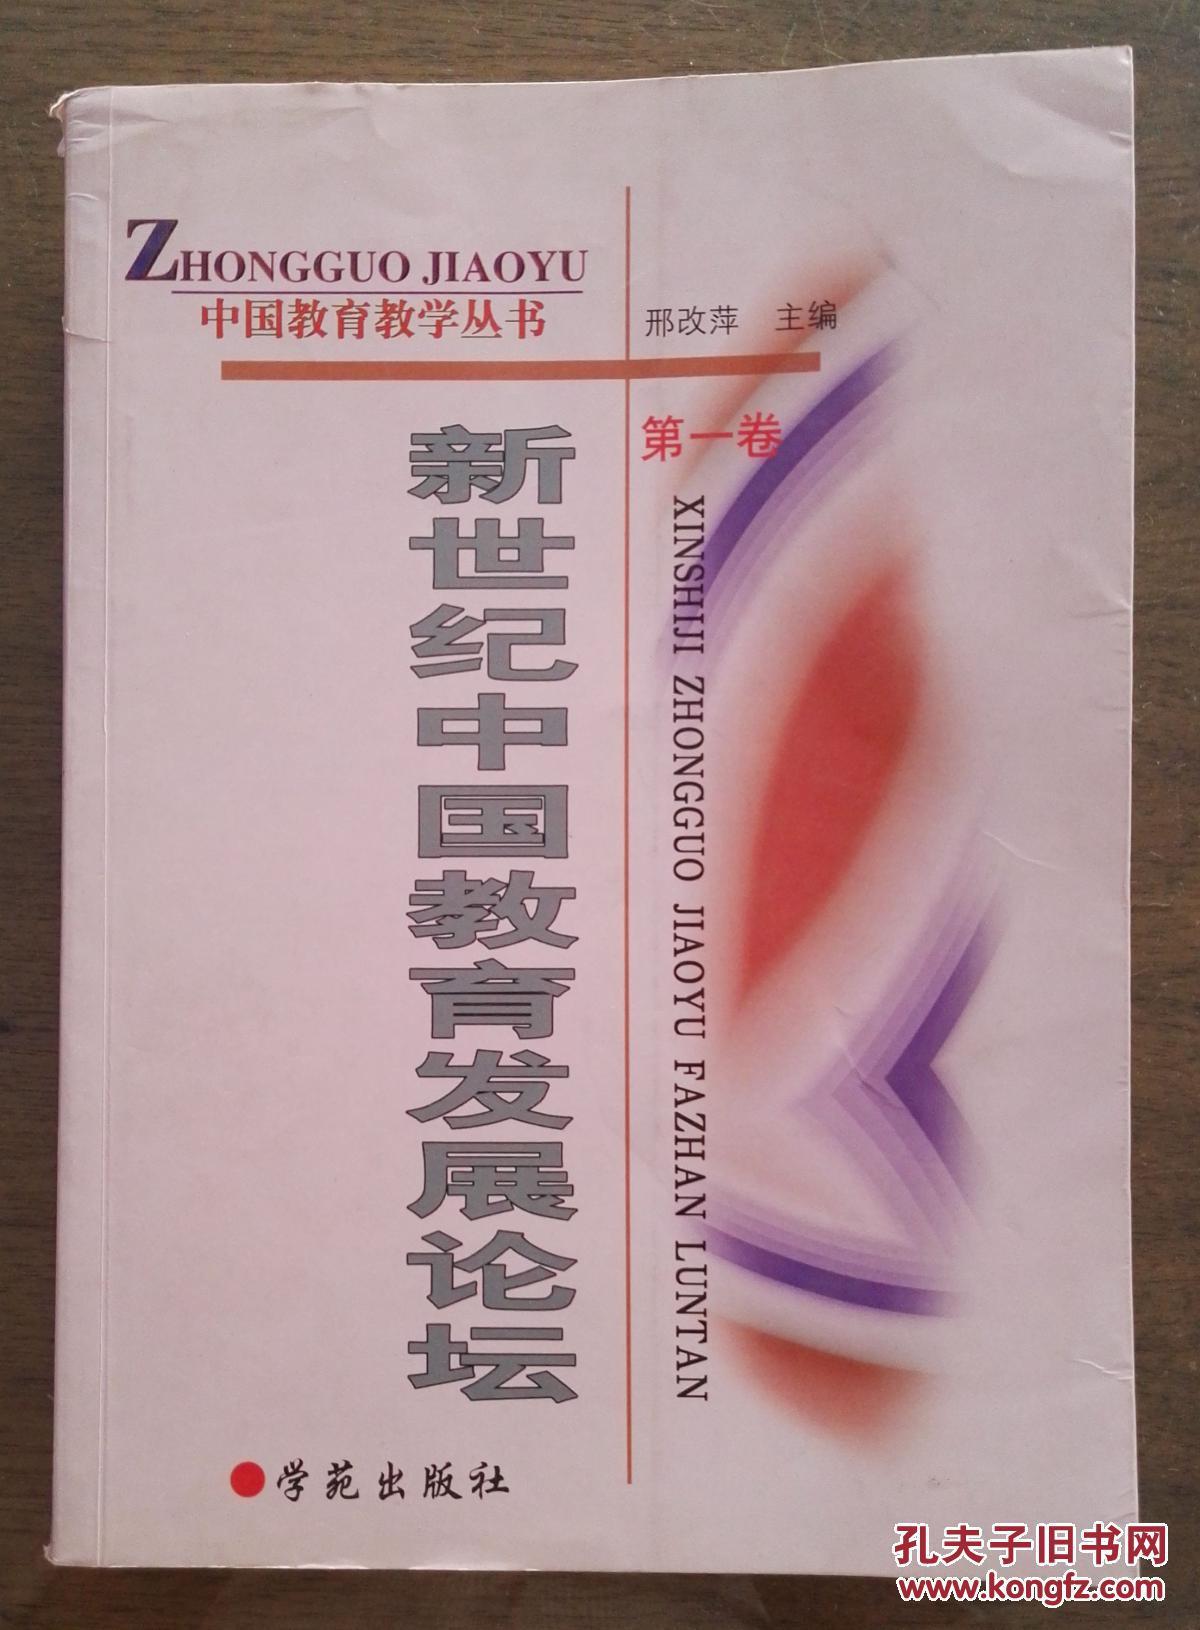 新世纪中国教育发展论坛第一卷-中国教育教学丛书